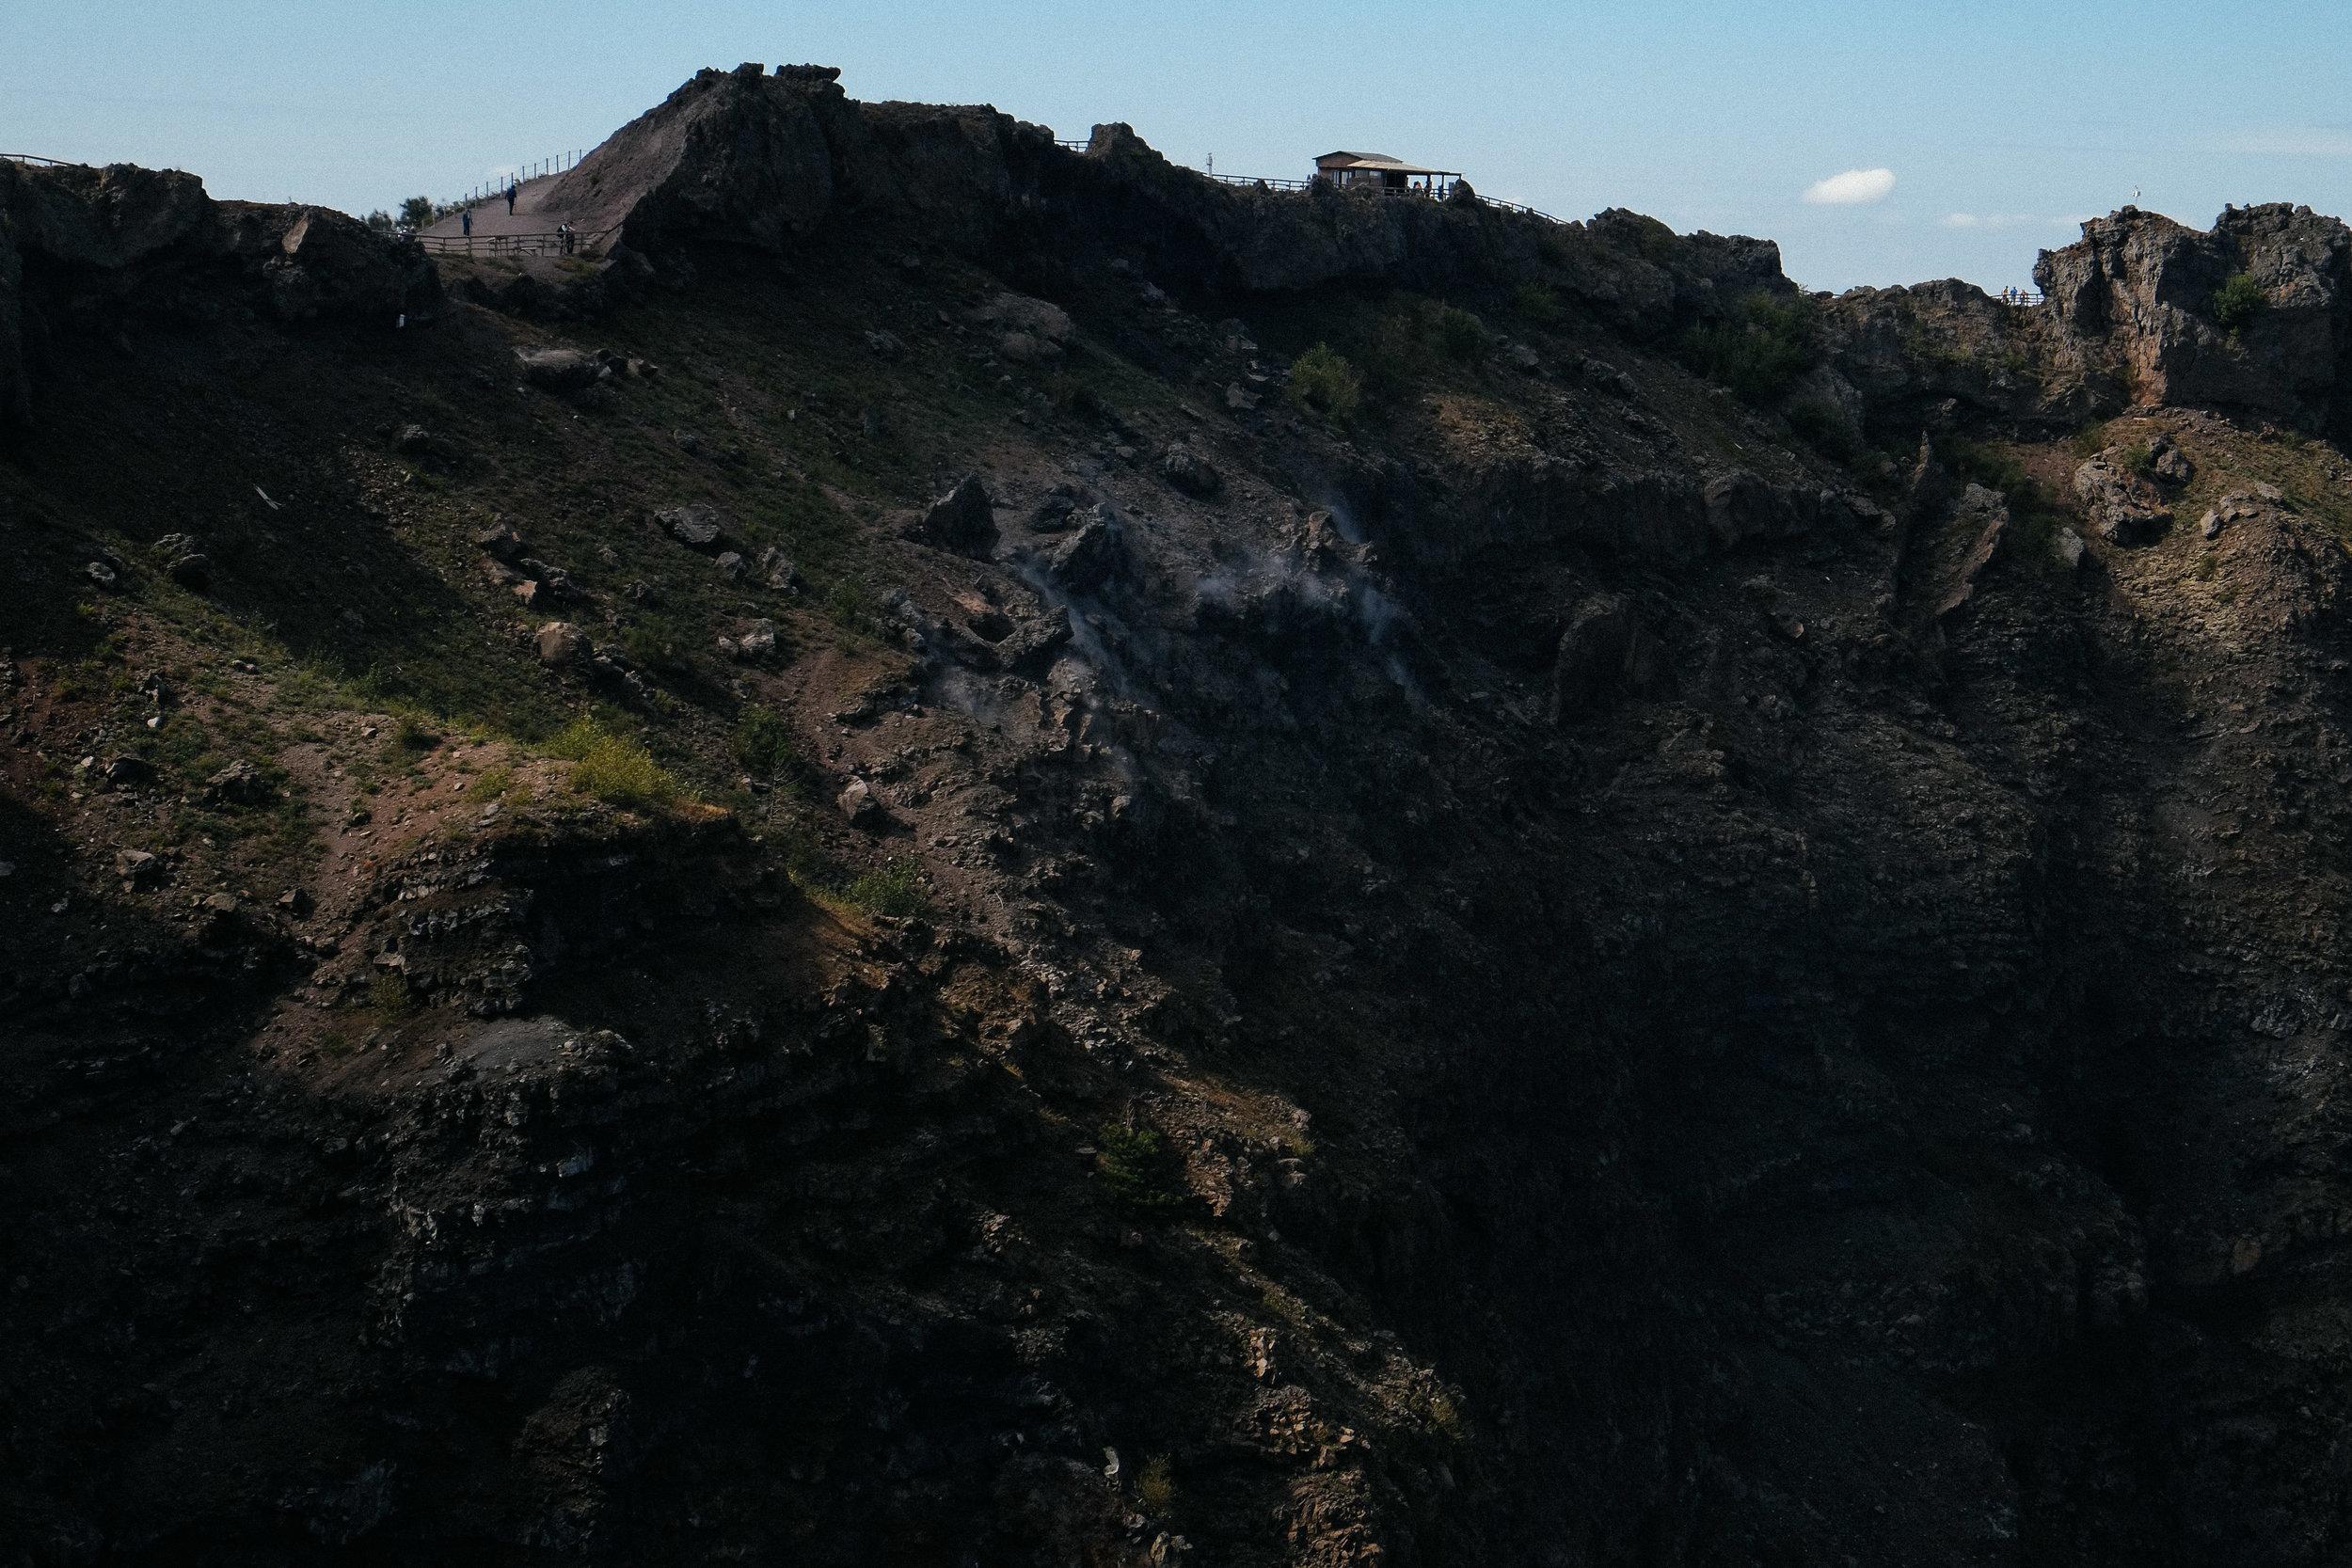 Lesly Lotha_Mount Vesuvius_Italy 05.jpg